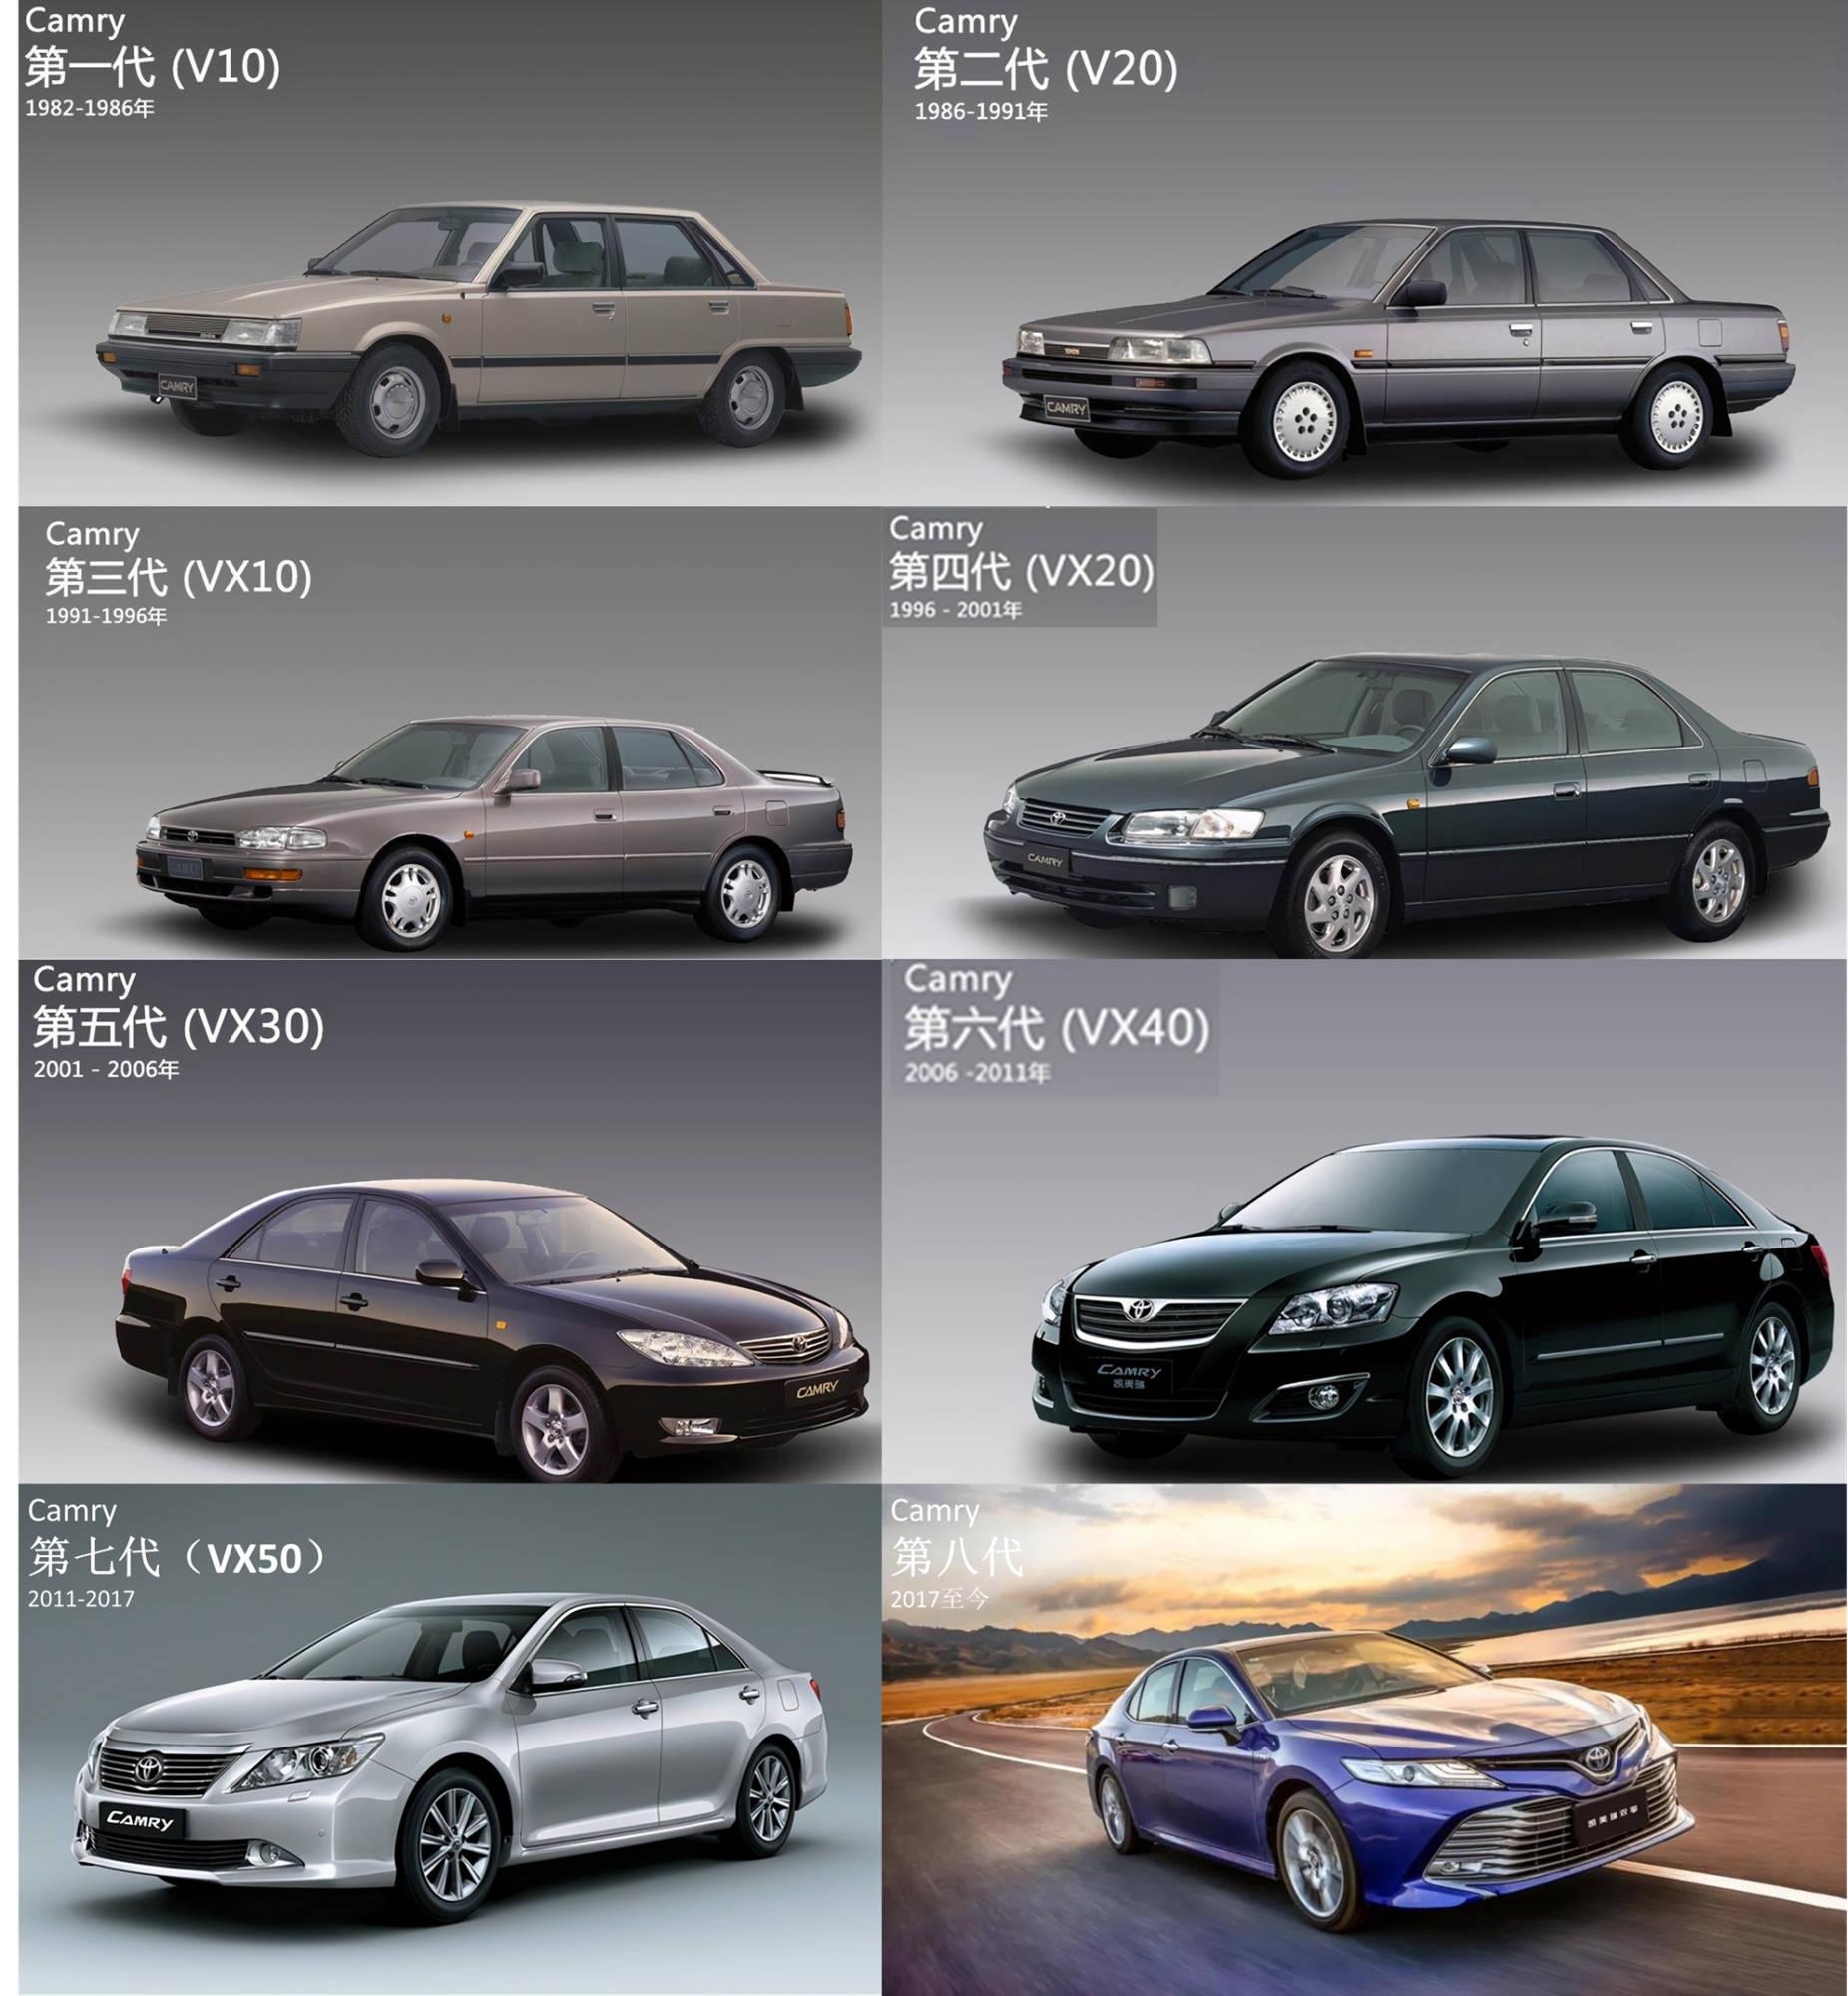 原厂B级车无法避免,凯美瑞中期上市。买哪个性价比最高?